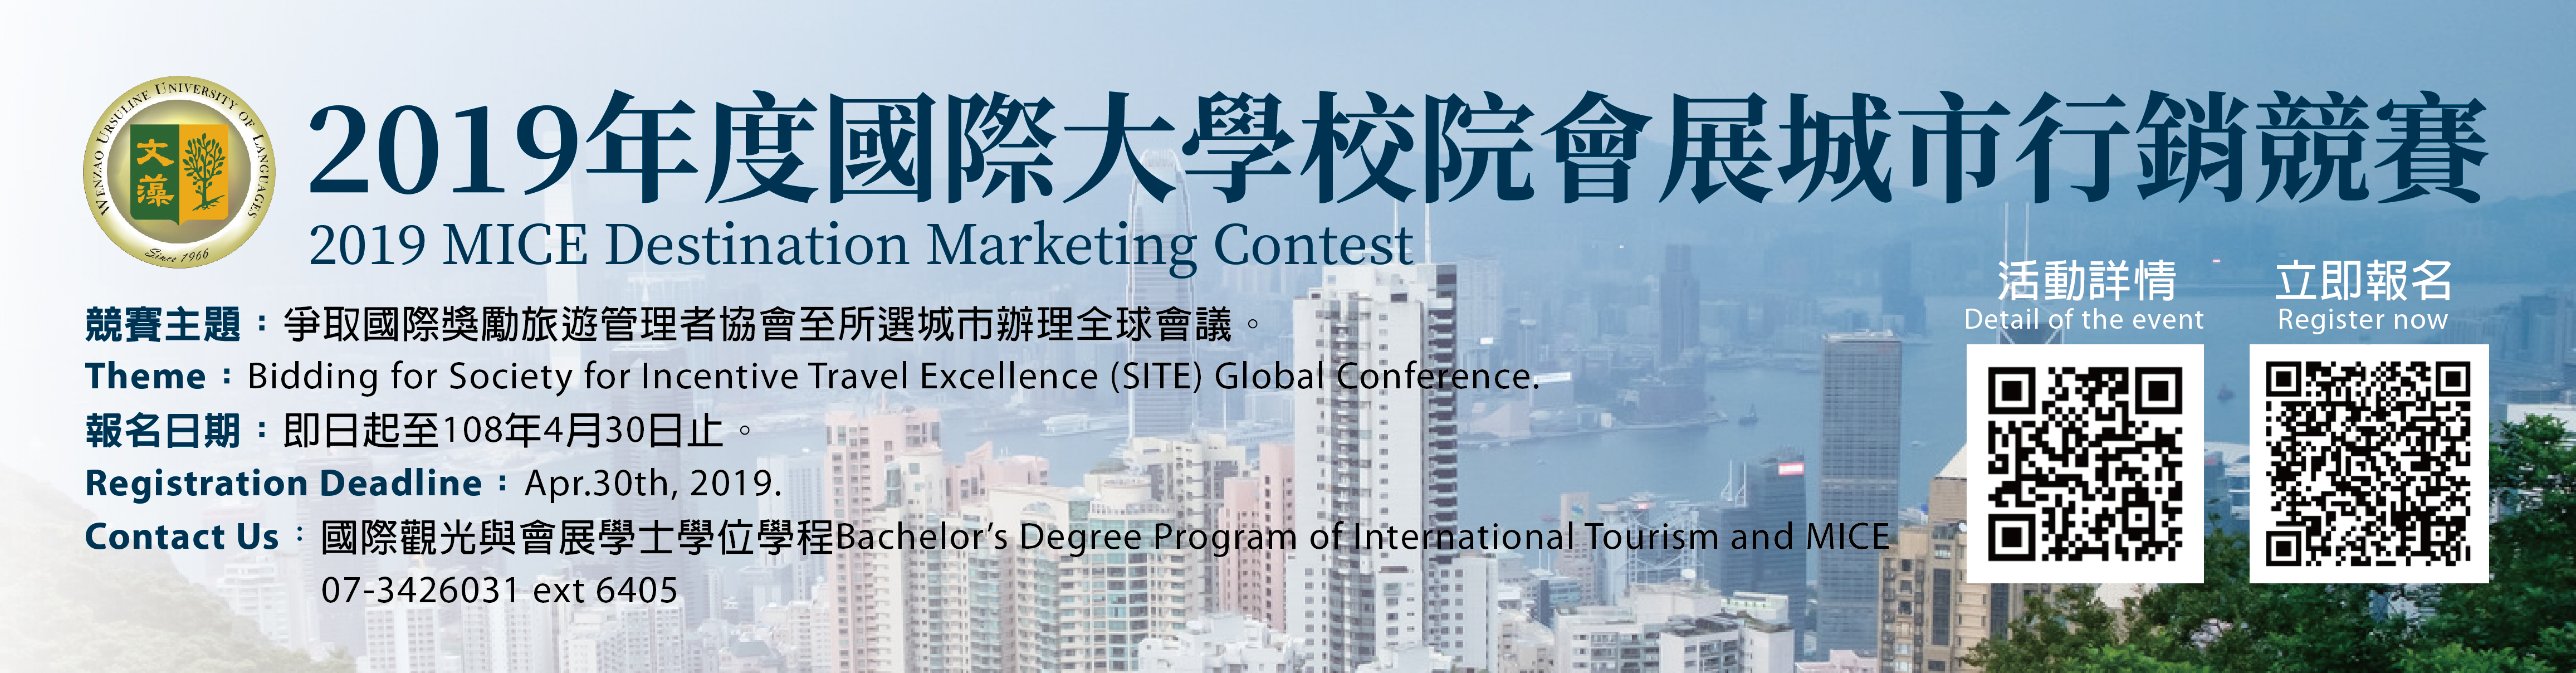 2019年度國際大學校院會展城市行銷競賽(另開新視窗)